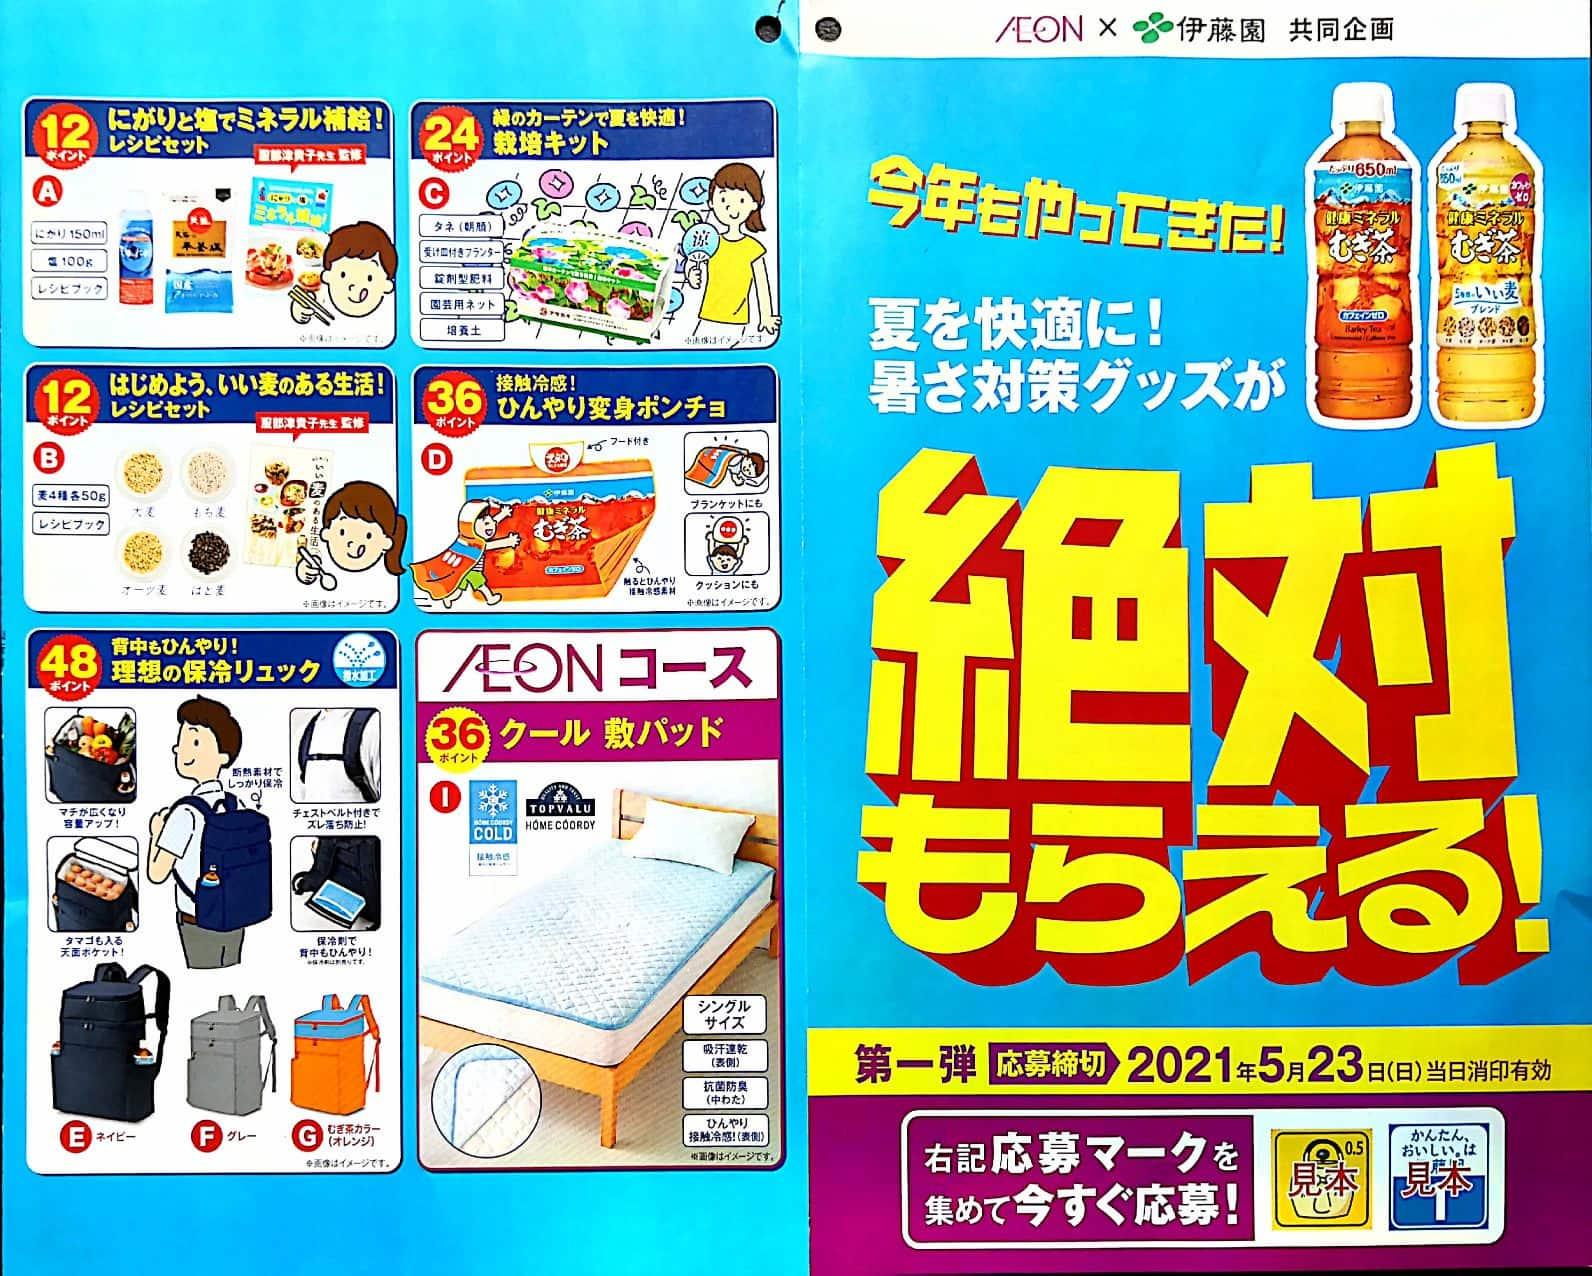 イオンキャンペーン 懸賞 伊藤園